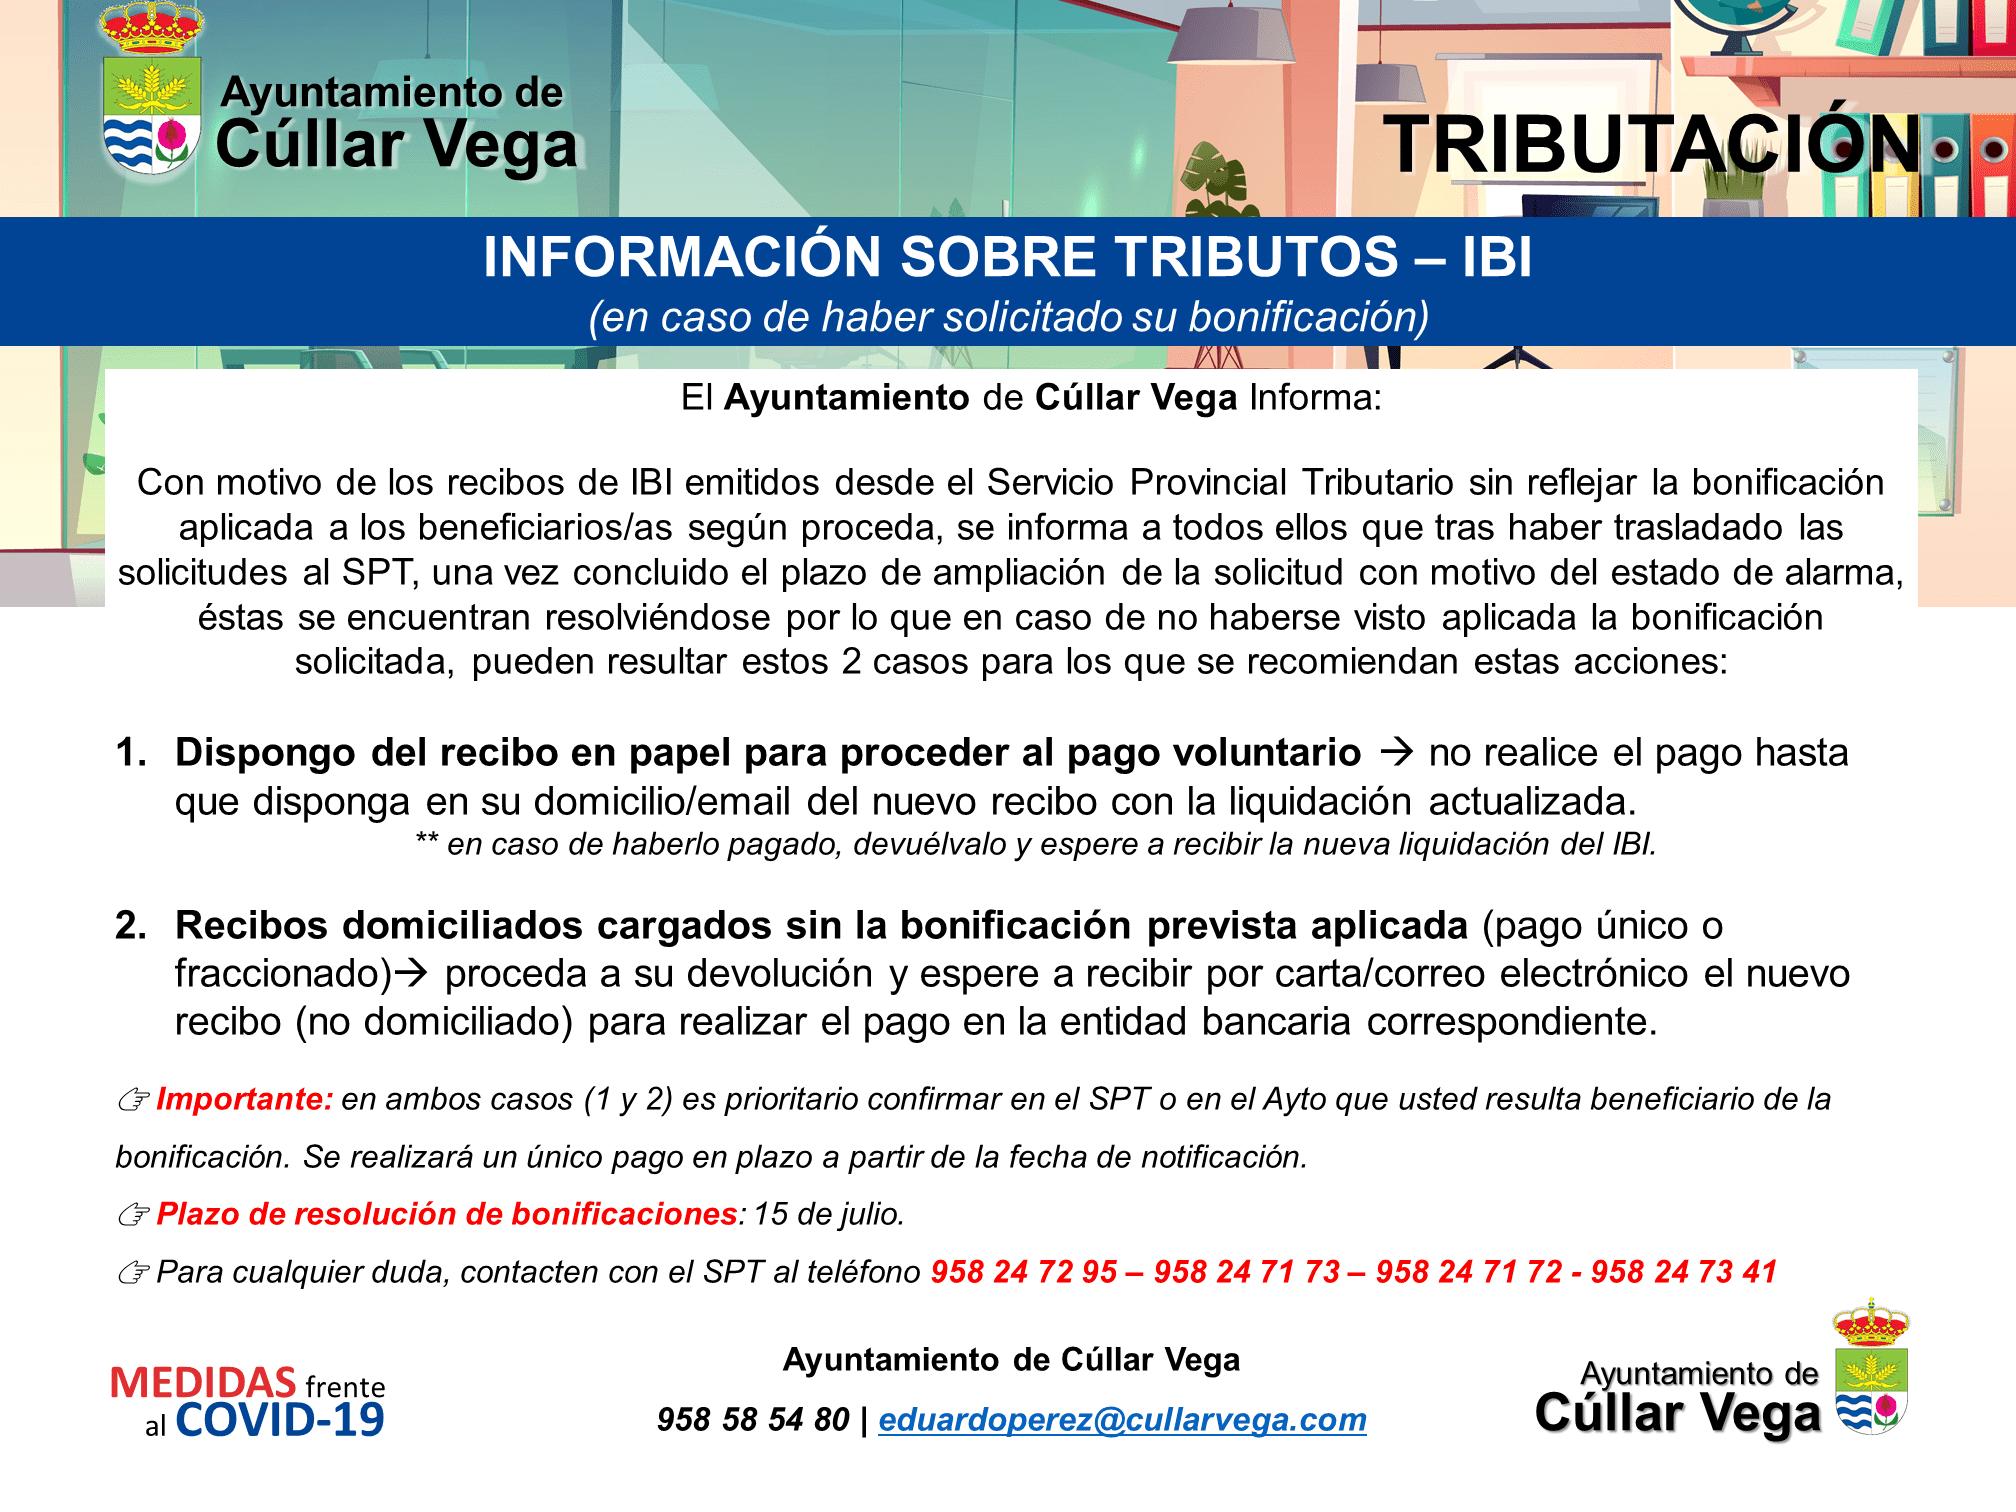 Información sobre el IBI en caso de haber solicitado su bonificación